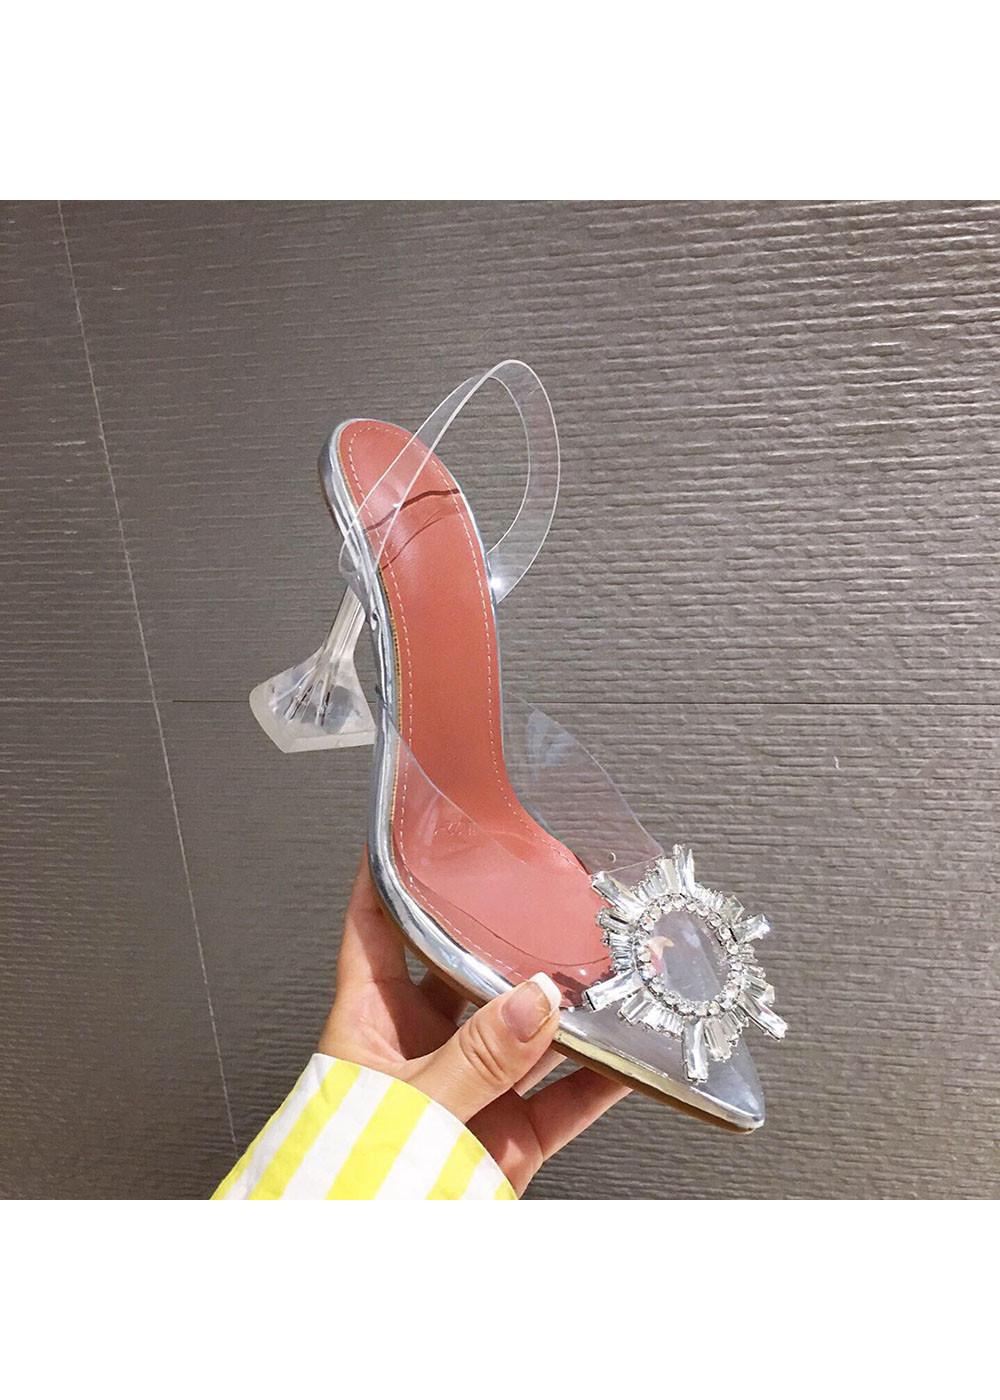 Giày Sandal Nữ Cao Gót Hoa Mặt Trời Trong Suốt Gót 5p Êm Chân kèm Tất/Vớ Da Chân - Giày cao gót nữ quai trong hoa đá- mũi nhọn sang chảnh